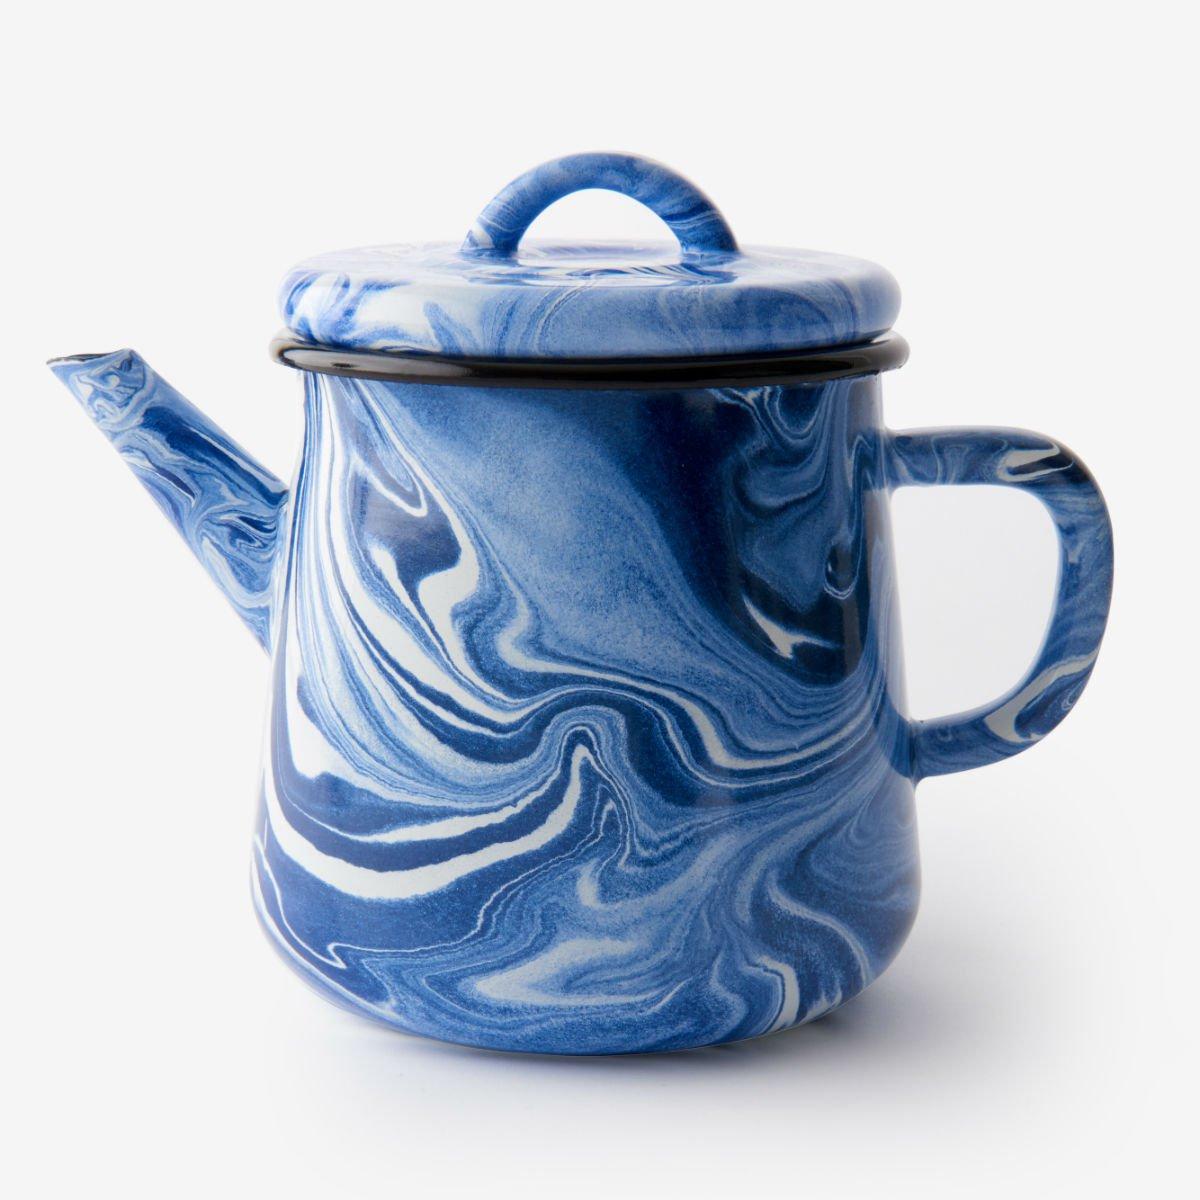 Modrá čajová konvice BORNN